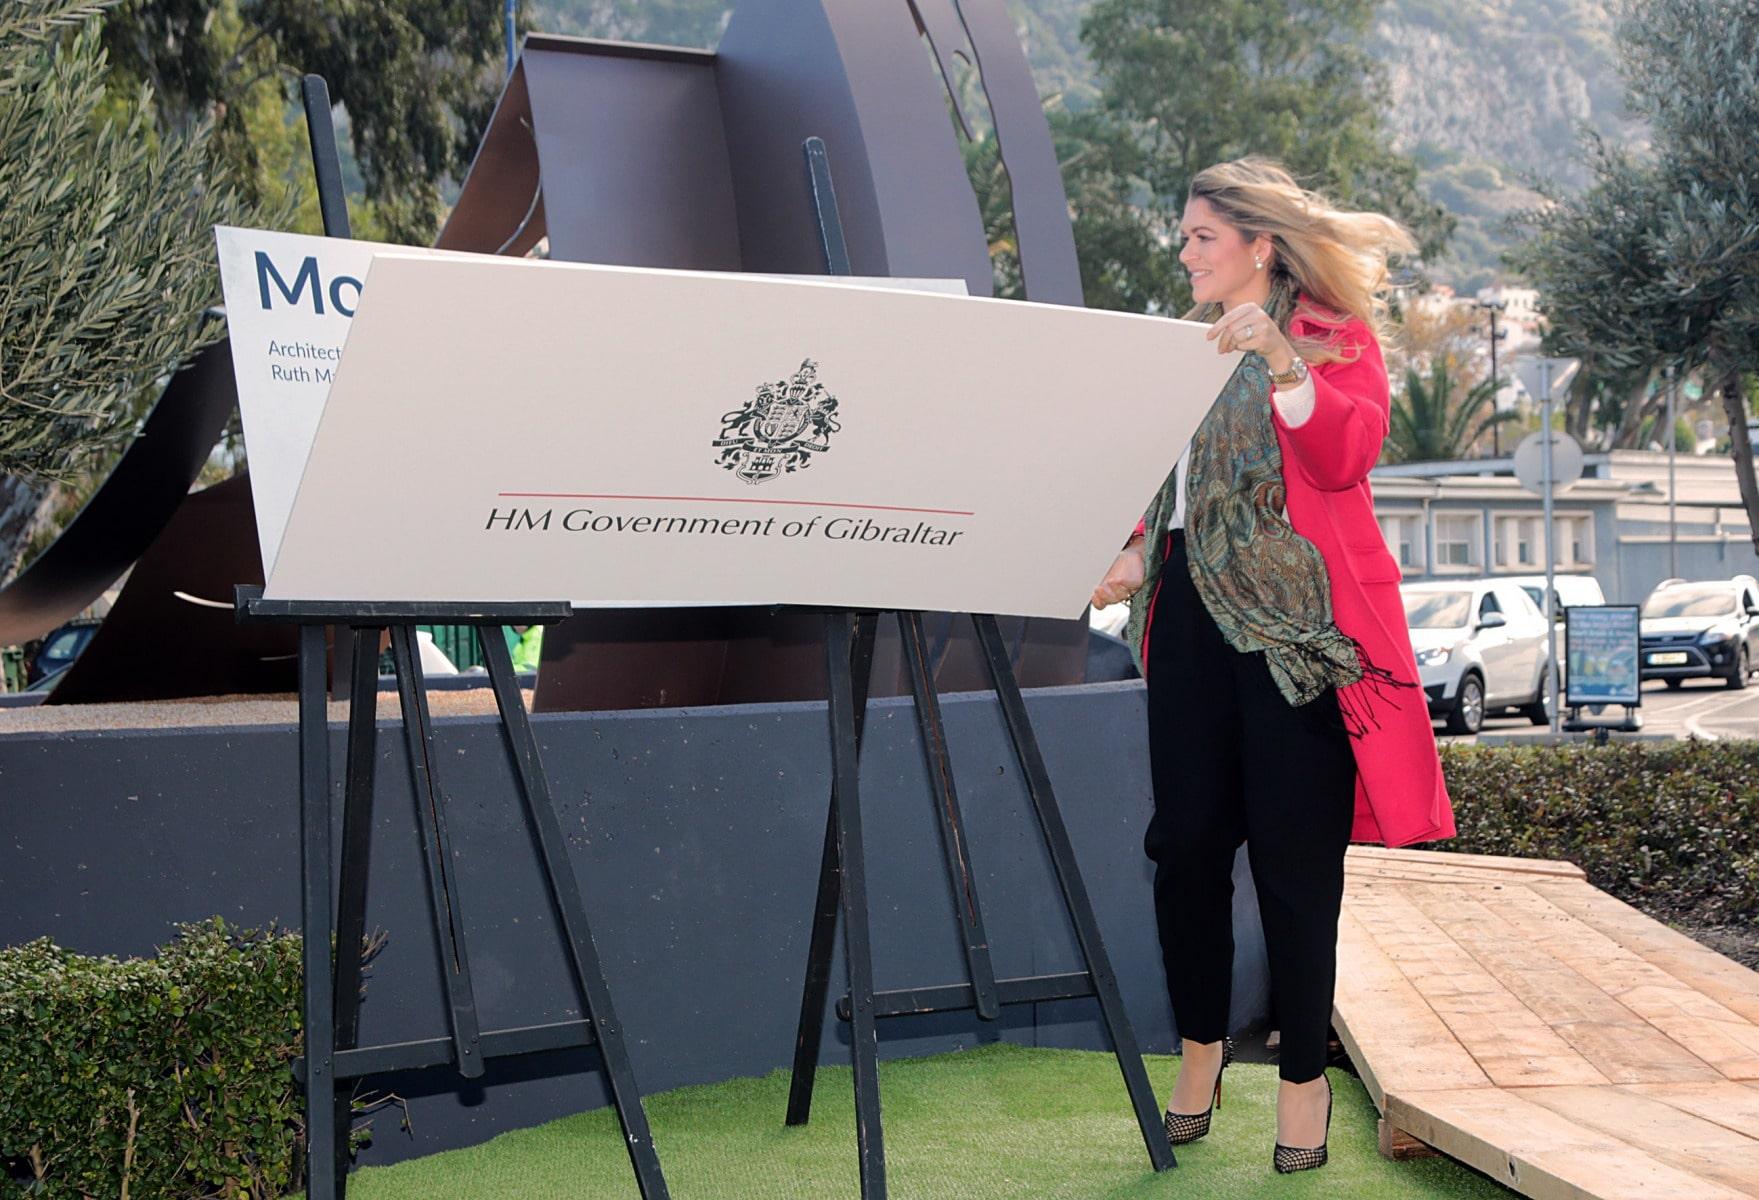 inauguracin-del-monumento-a-la-mujer-en-gibraltar_31427348306_o